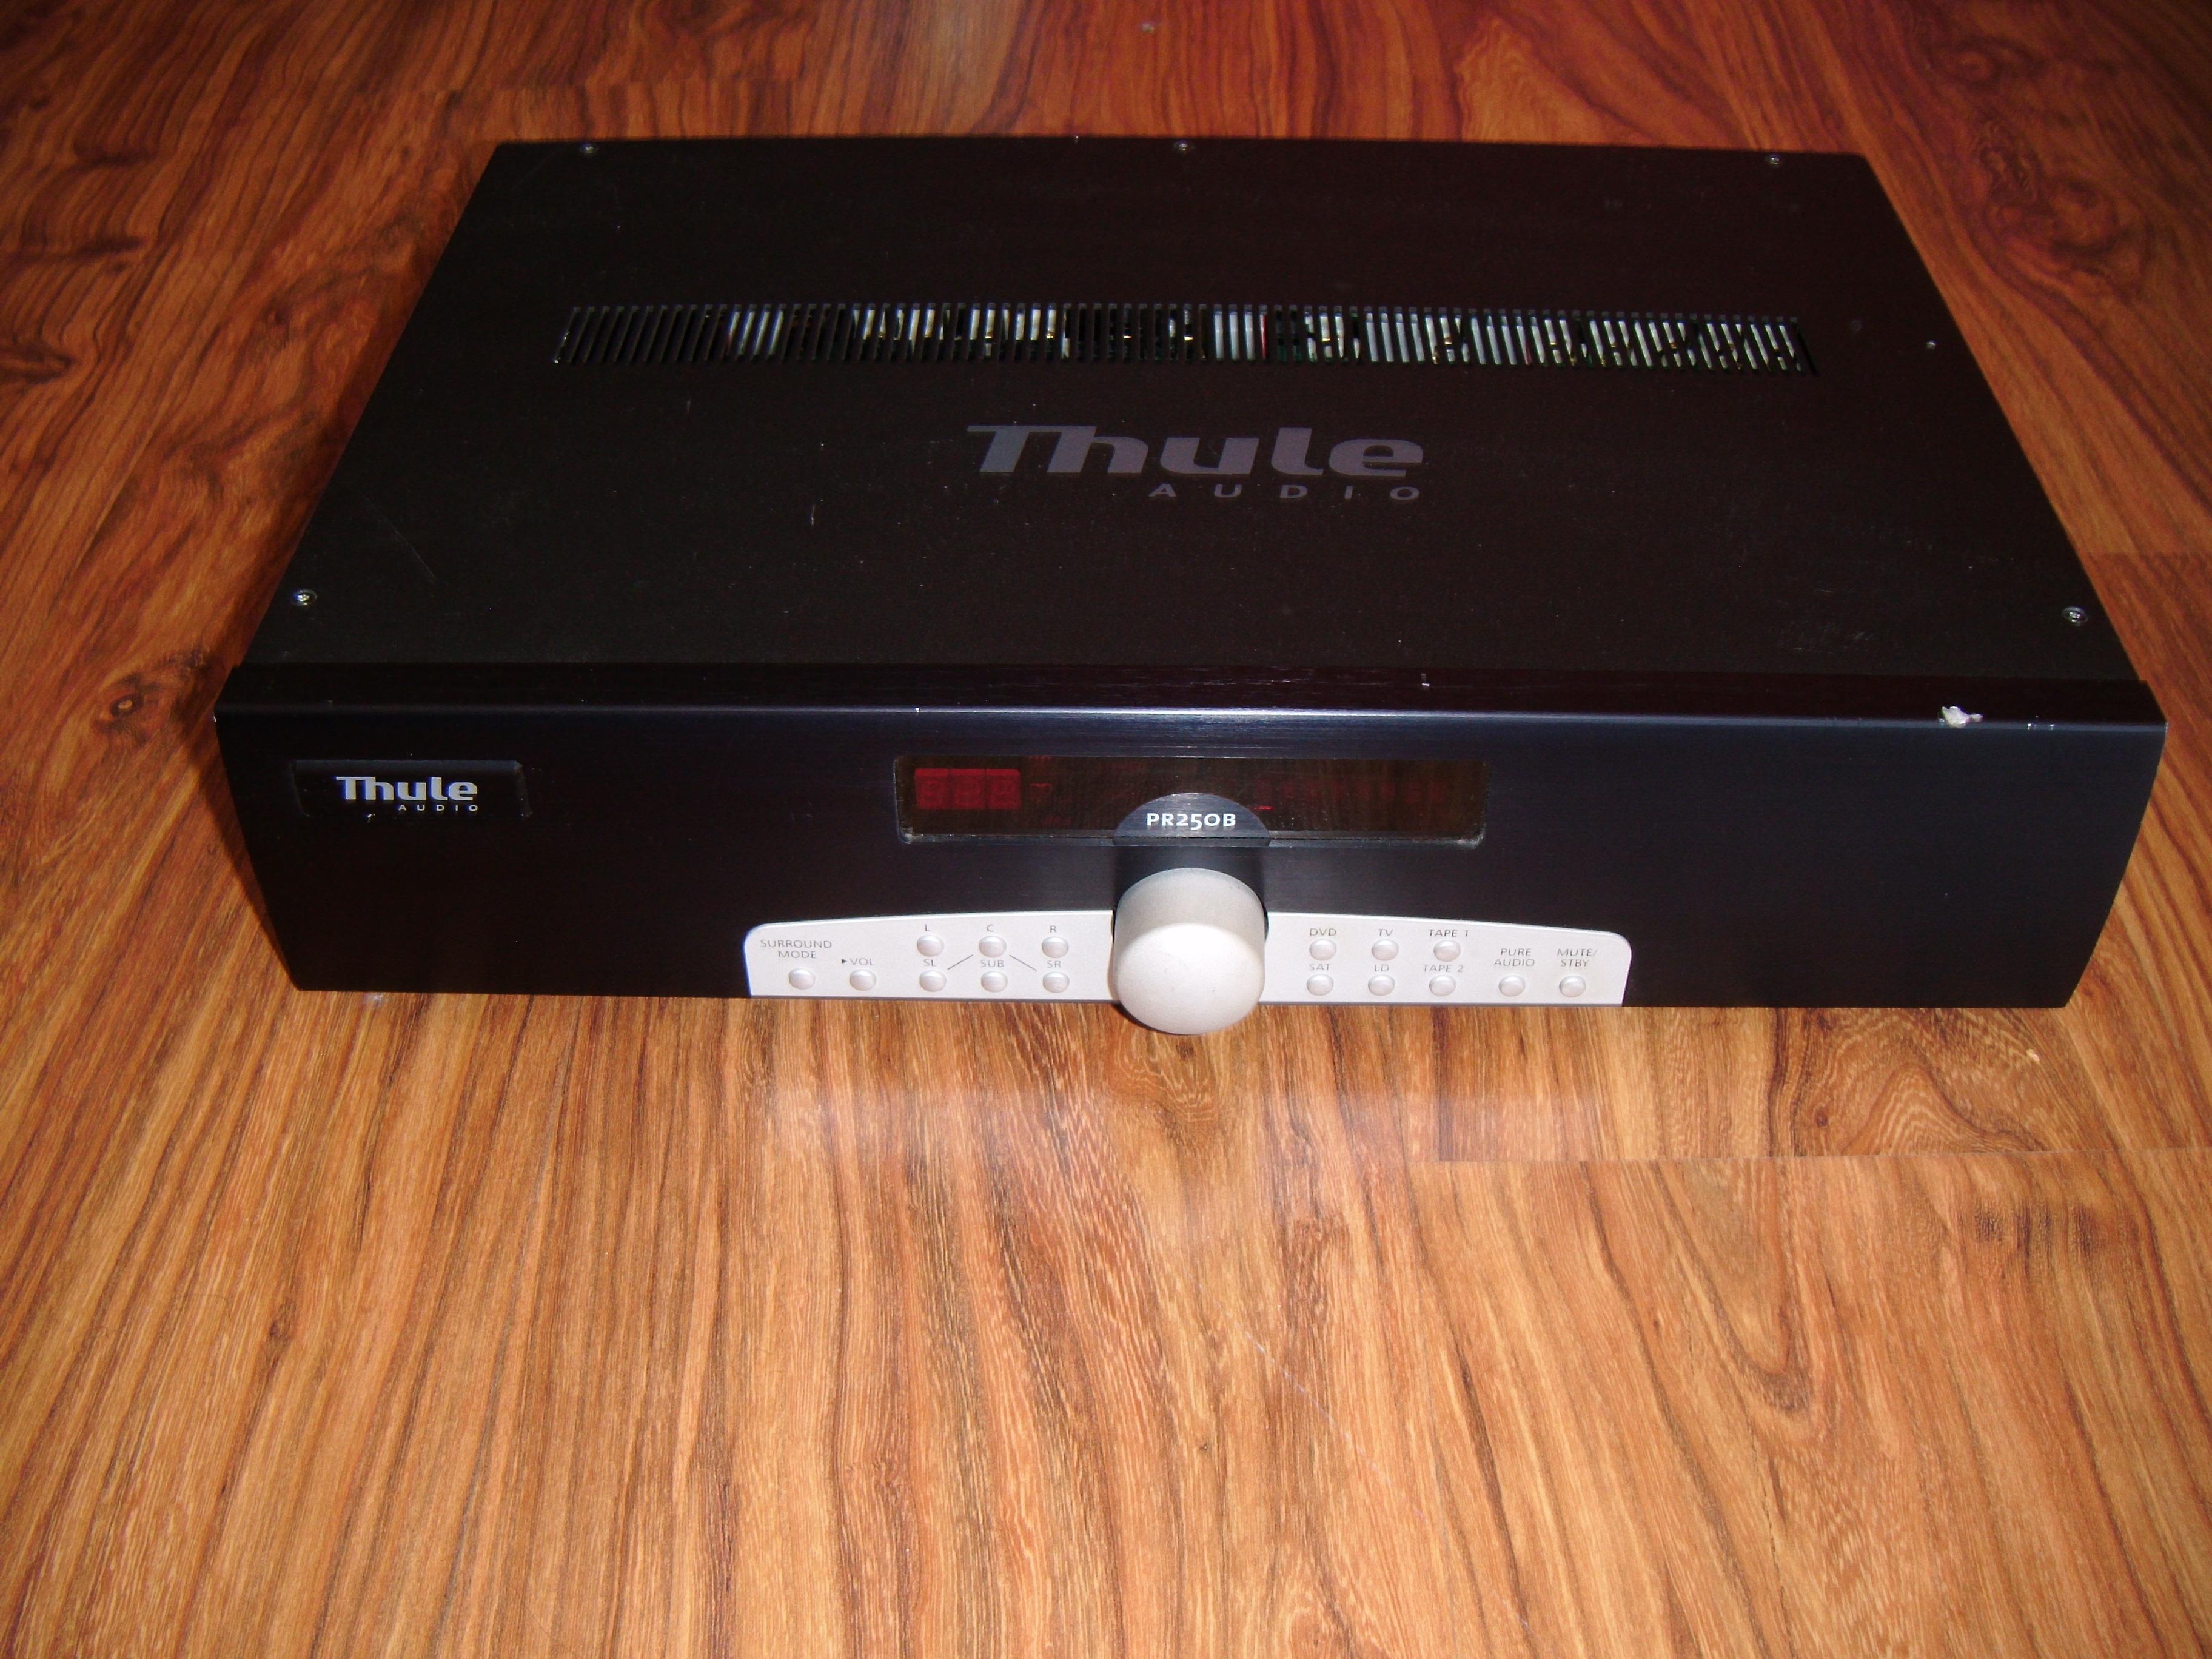 [Sprzedam] Thule audio space pr250b - procesor AV